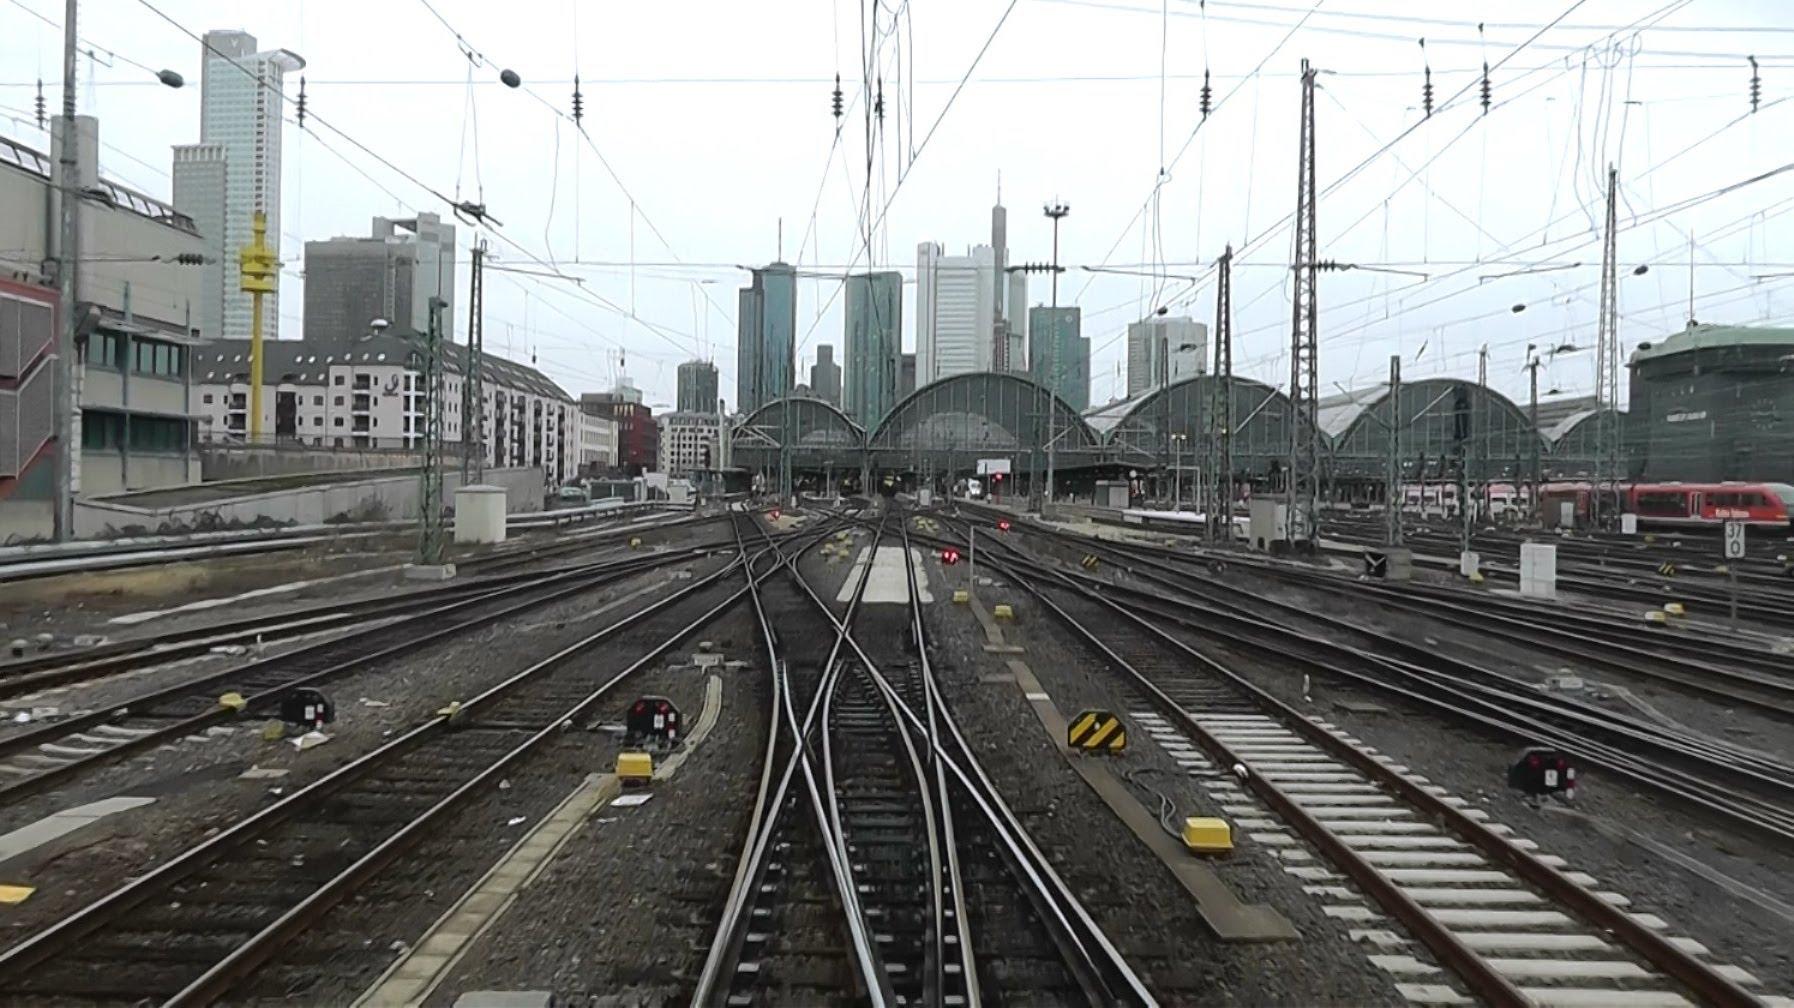 DB Bahn – Nr. 14 – Führerstandmitfahrt – Von Mainz Hbf nach Frankfurt Hbf – BR 143